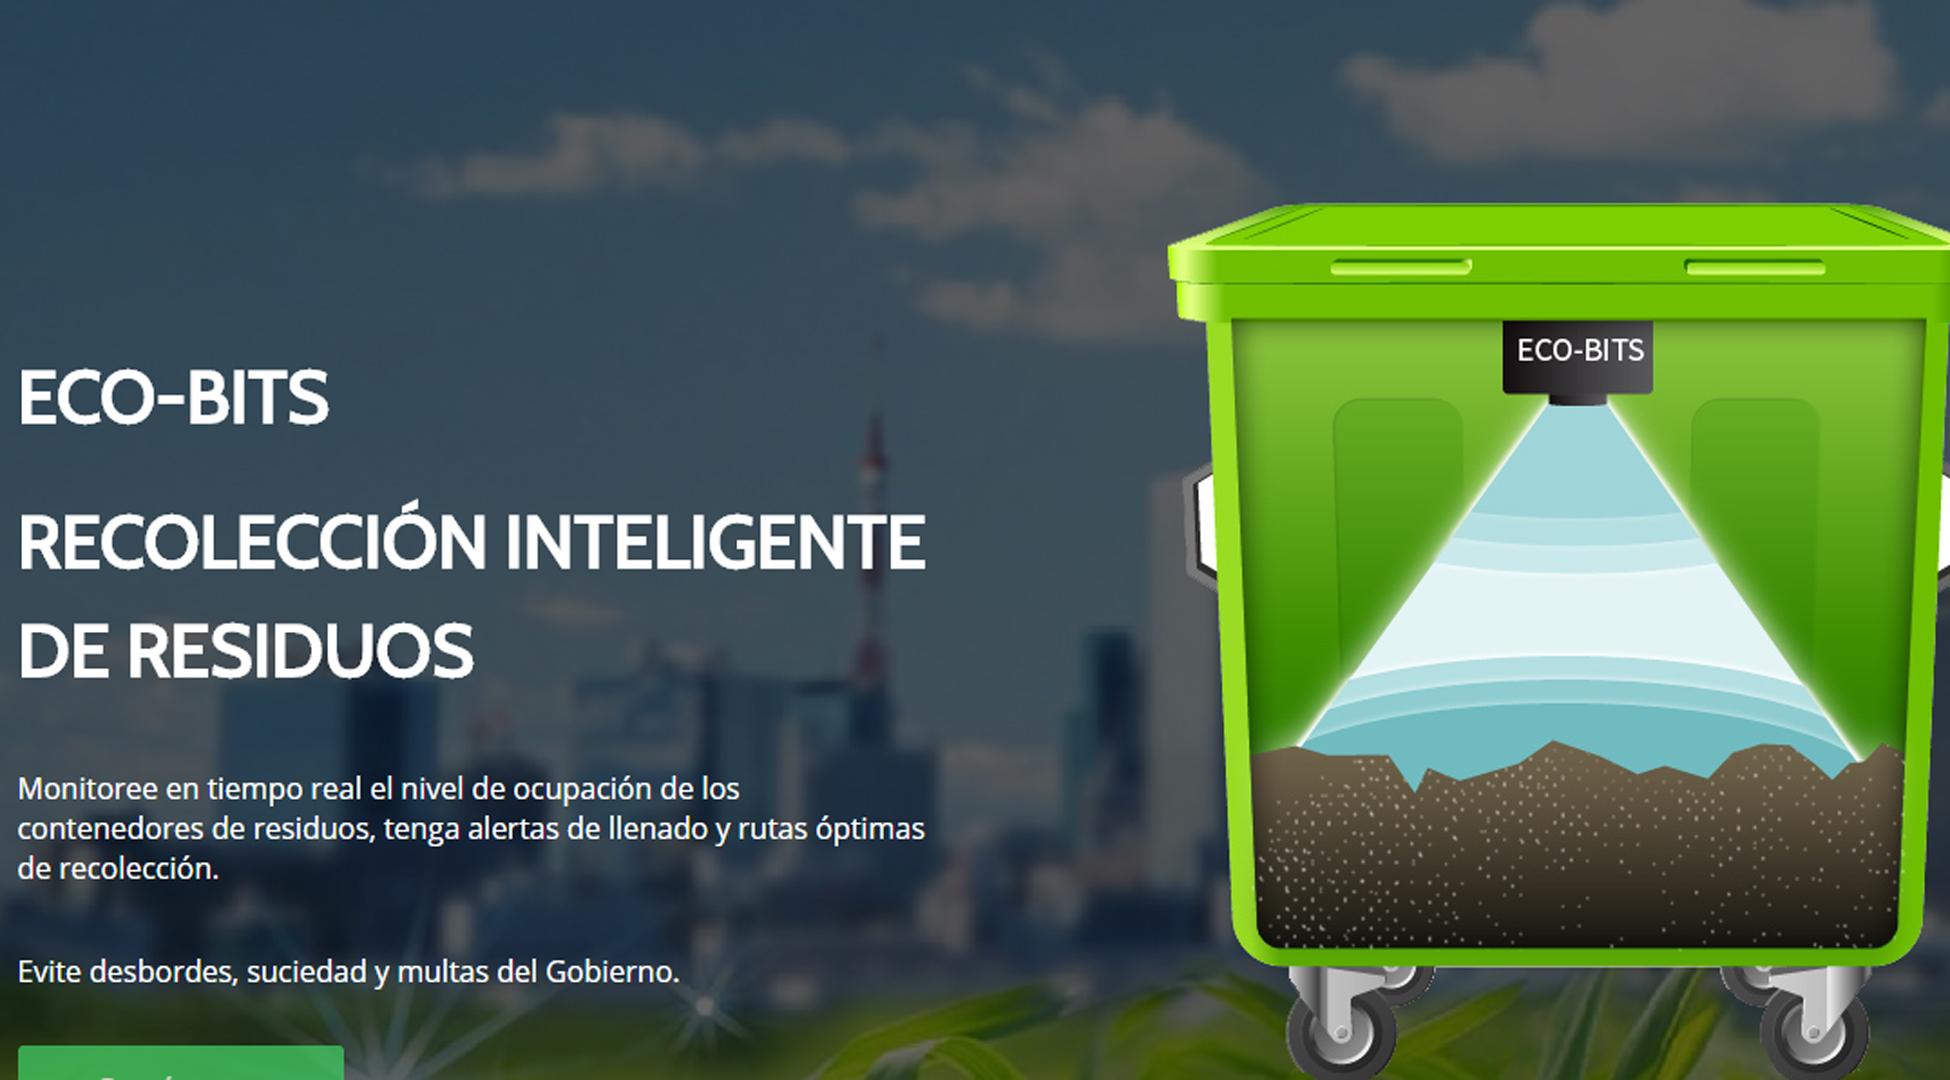 Resultado de imagen para Cómo funciona el primer contenedor de residuos inteligente